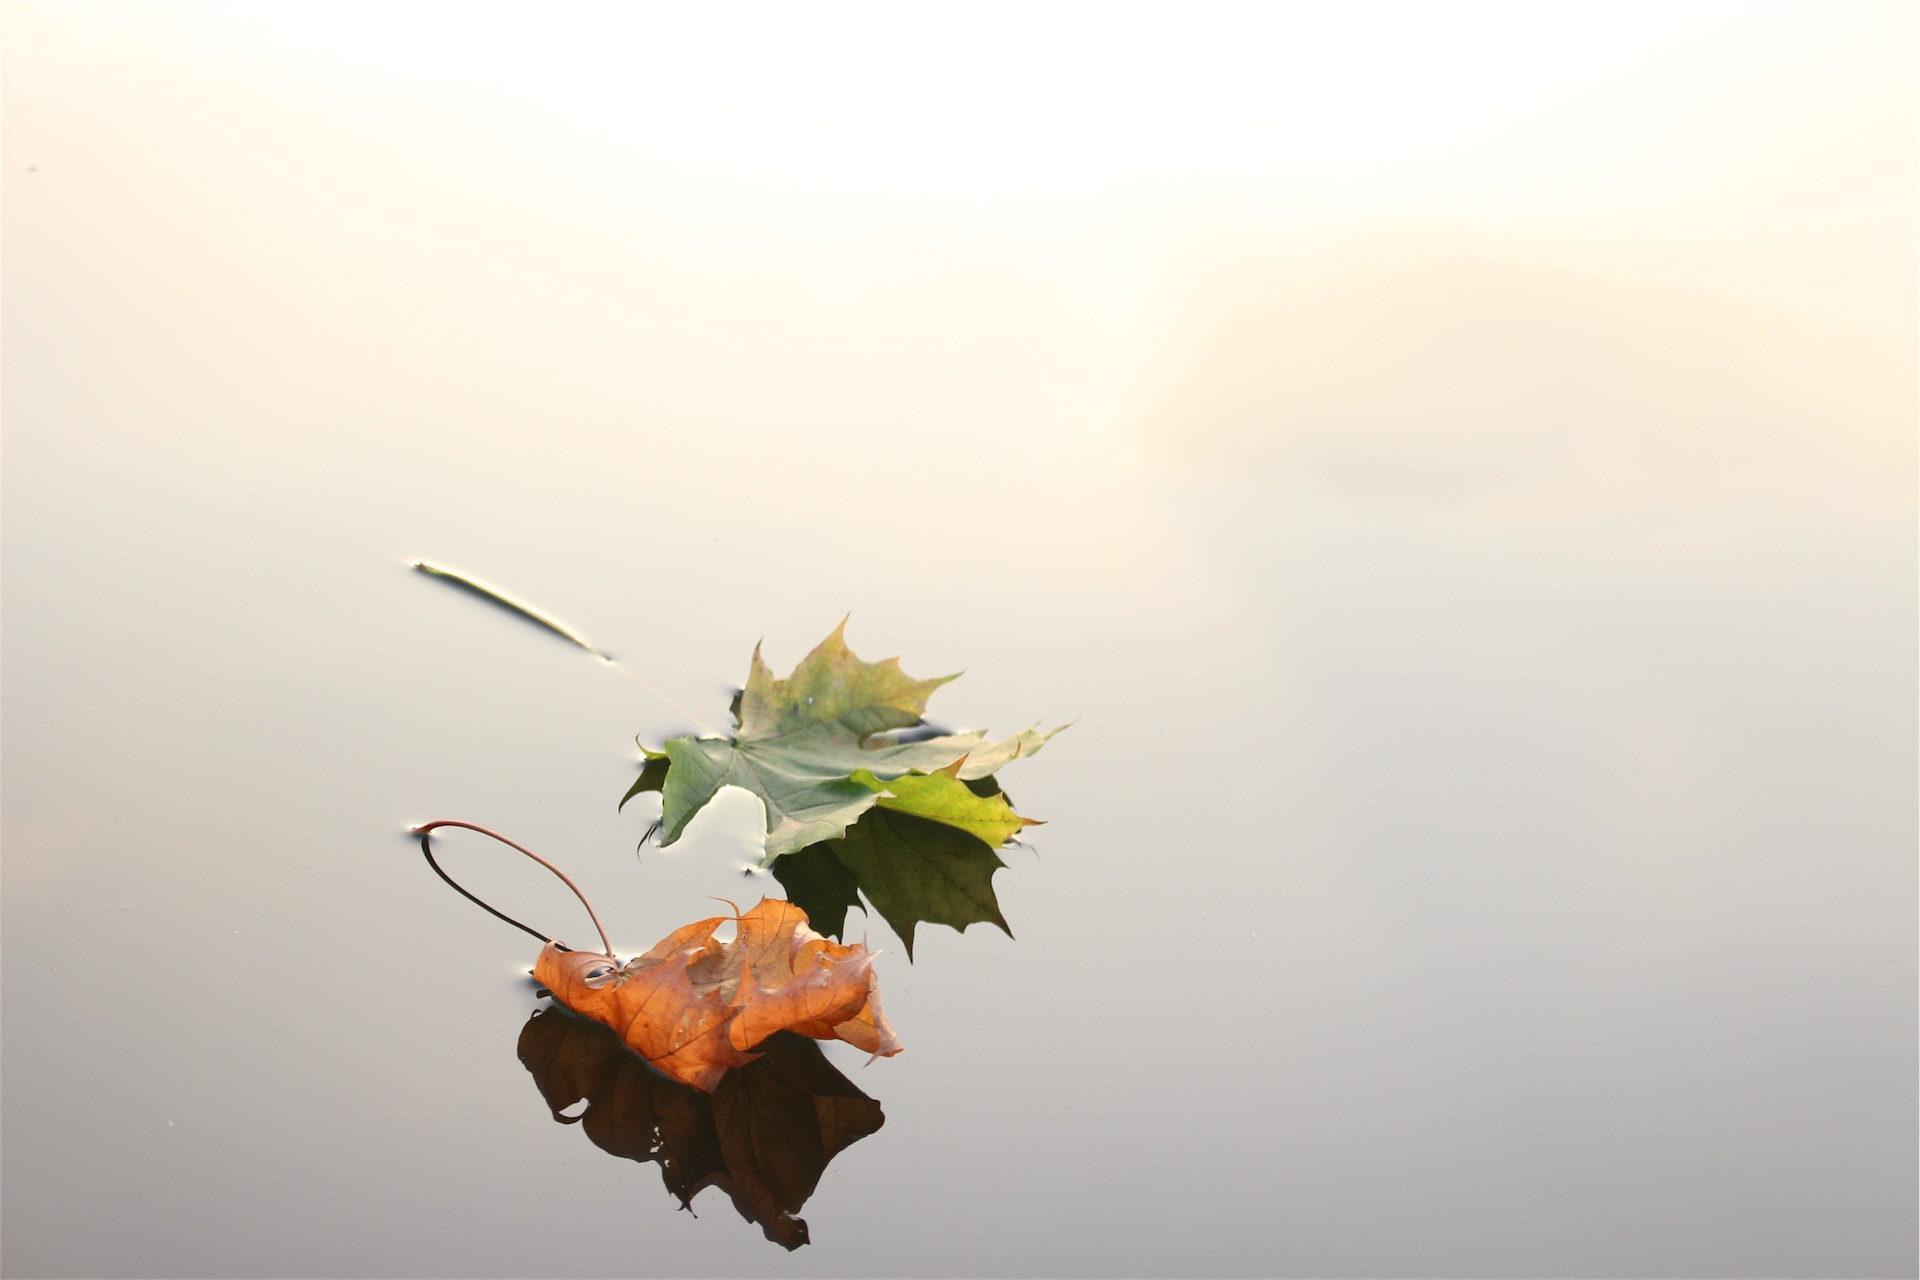 feuilles, étang, Lake, Vert, Brown - Fonds d'écran HD - Professor-falken.com